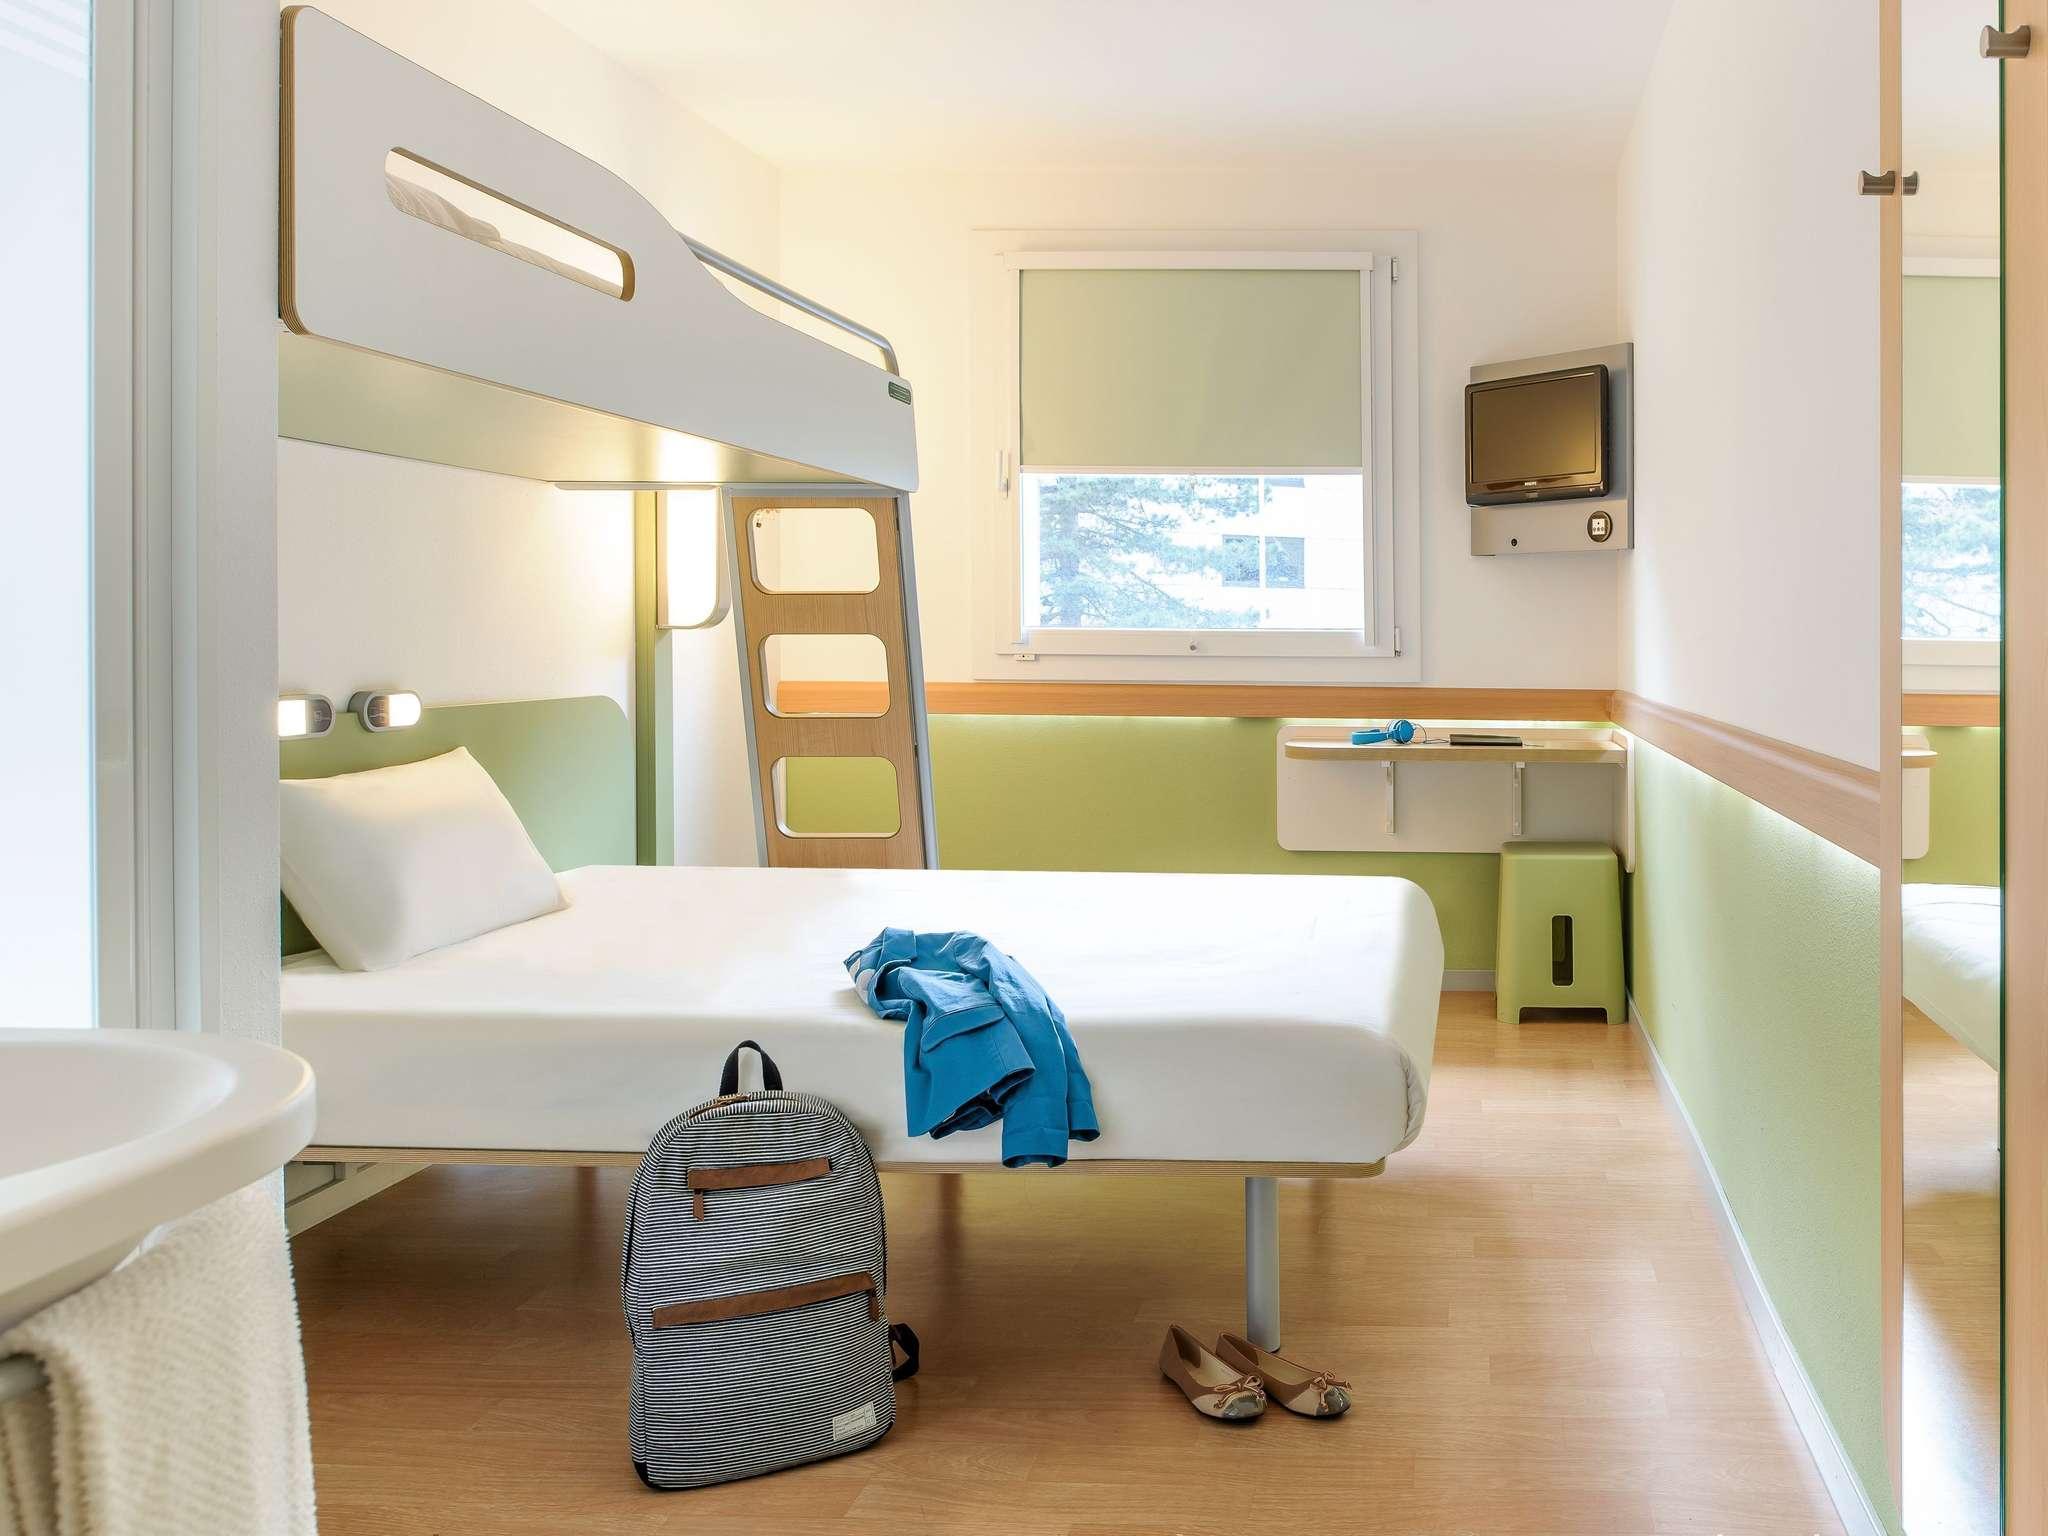 Lenting Ibis Hotel